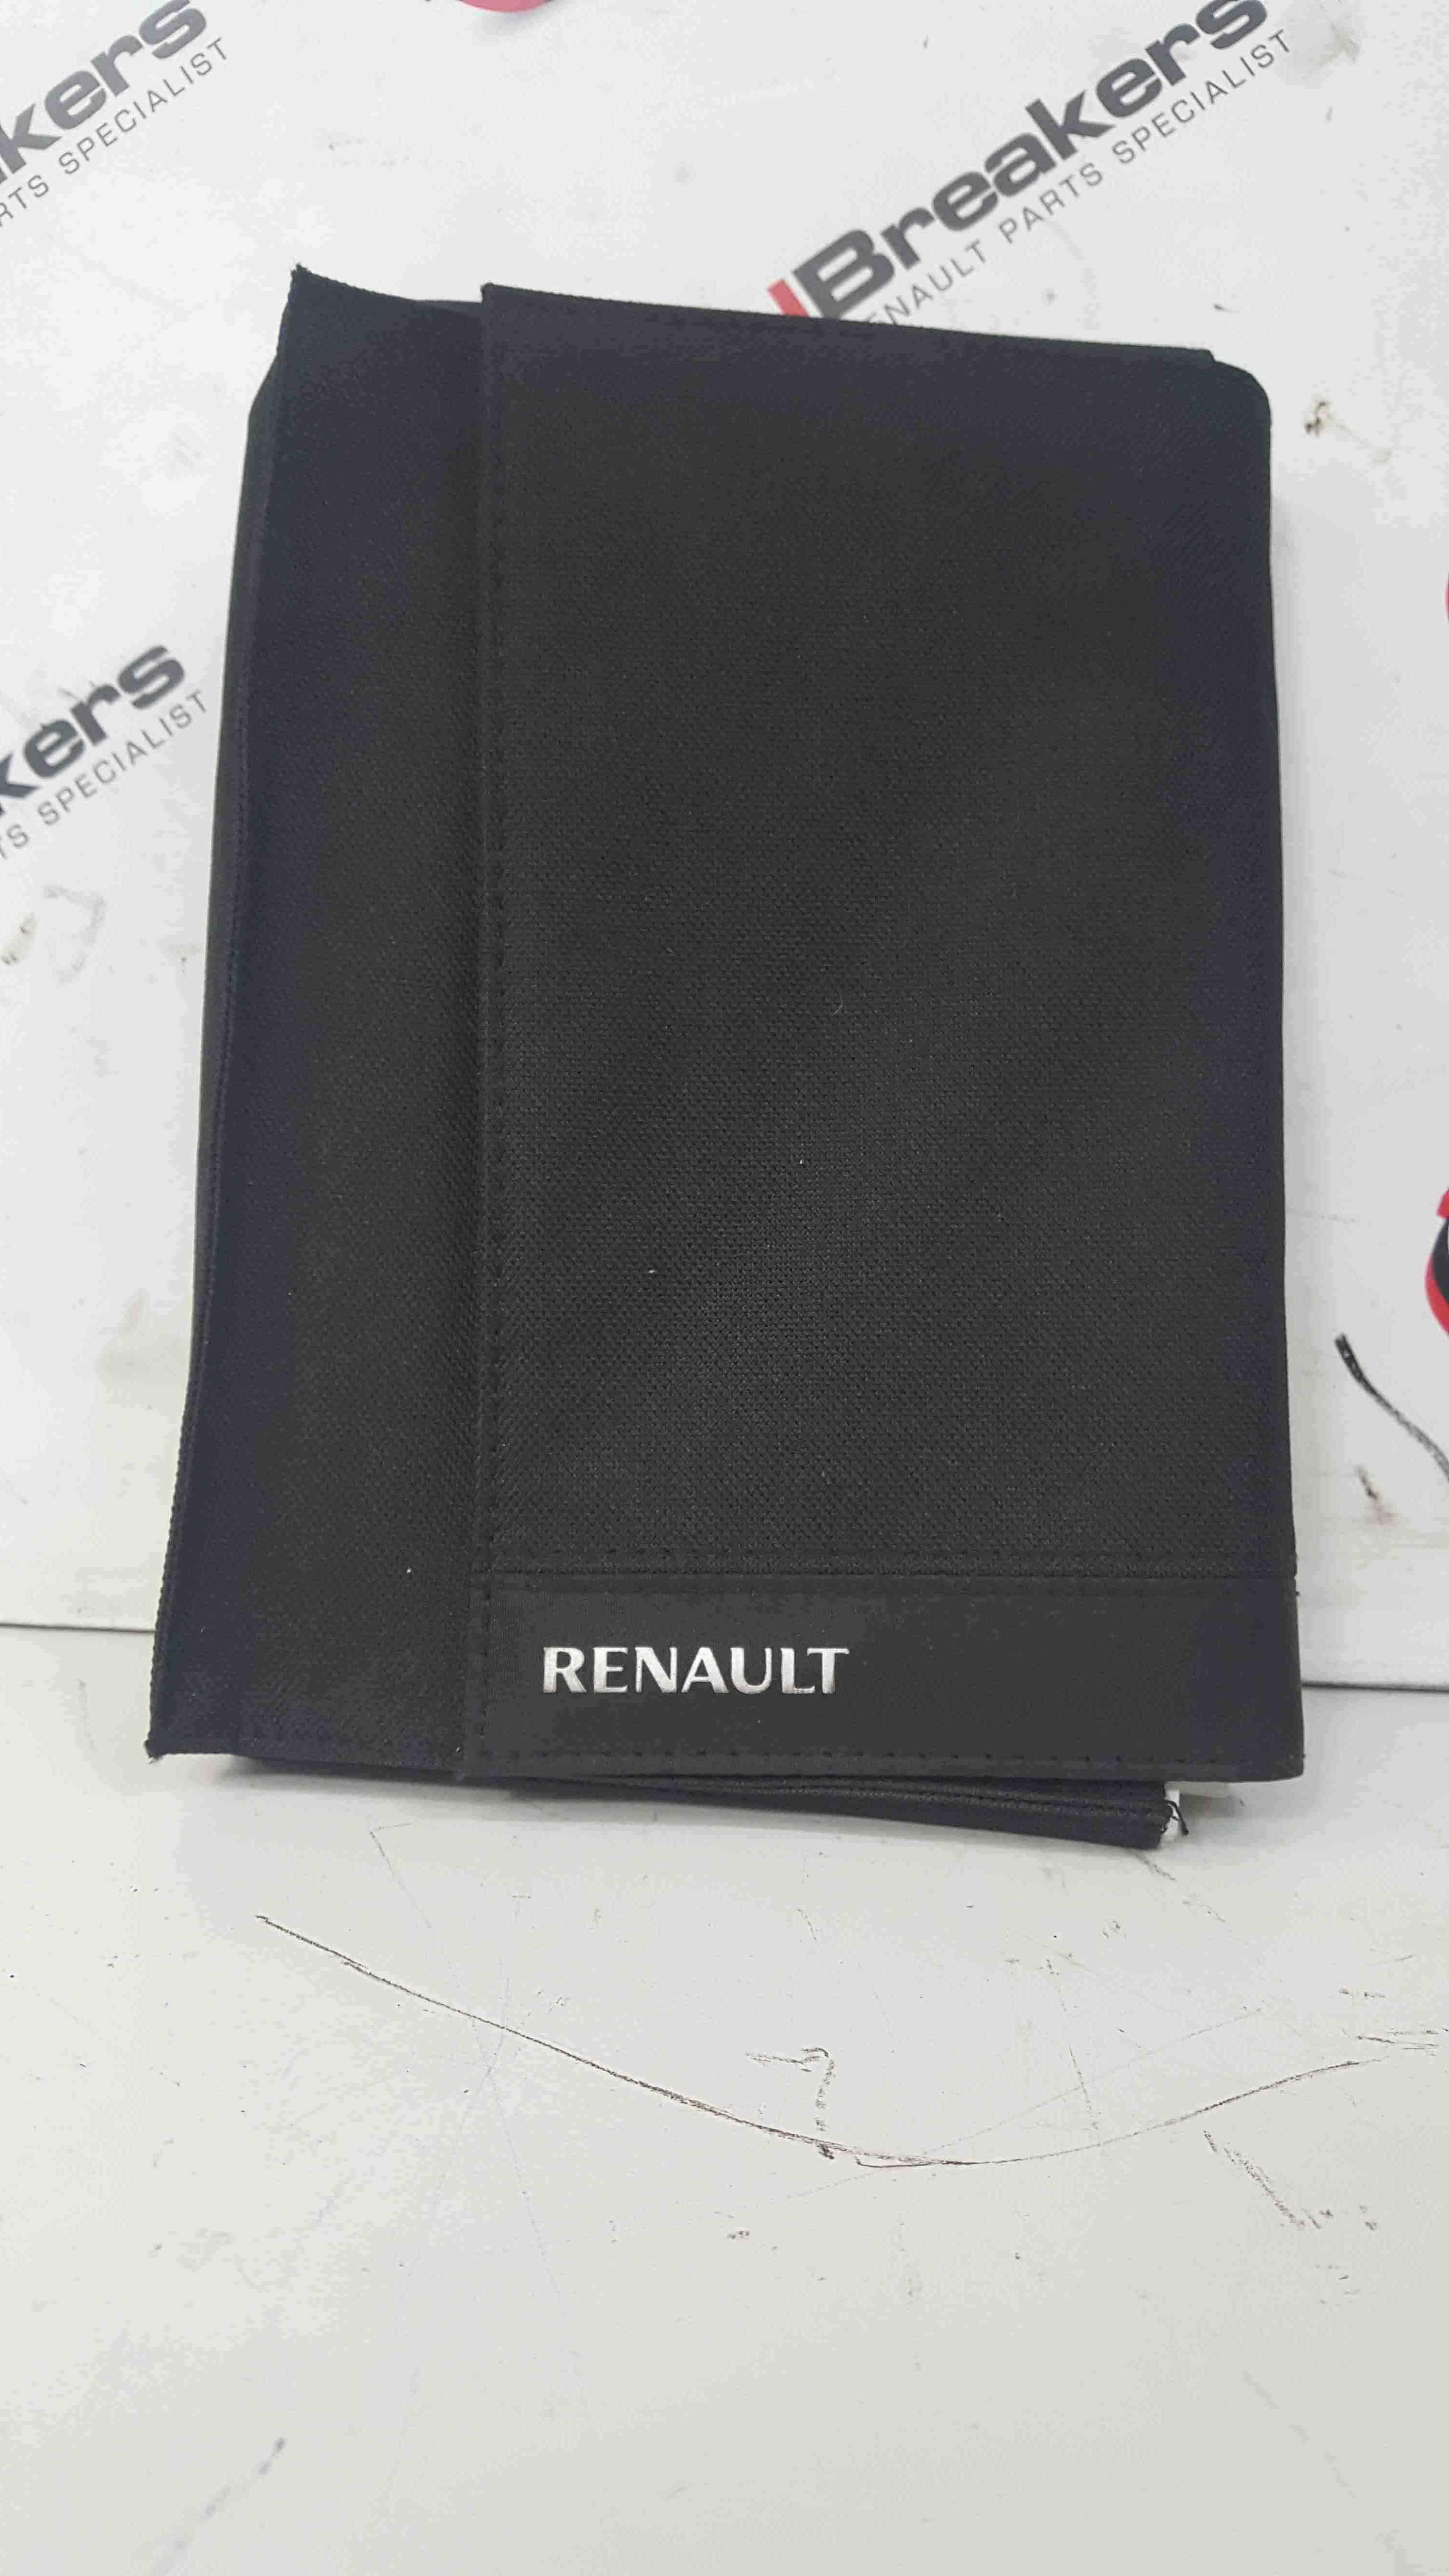 Renault Scenic MK3 2009-2013 Document Wallet Folder